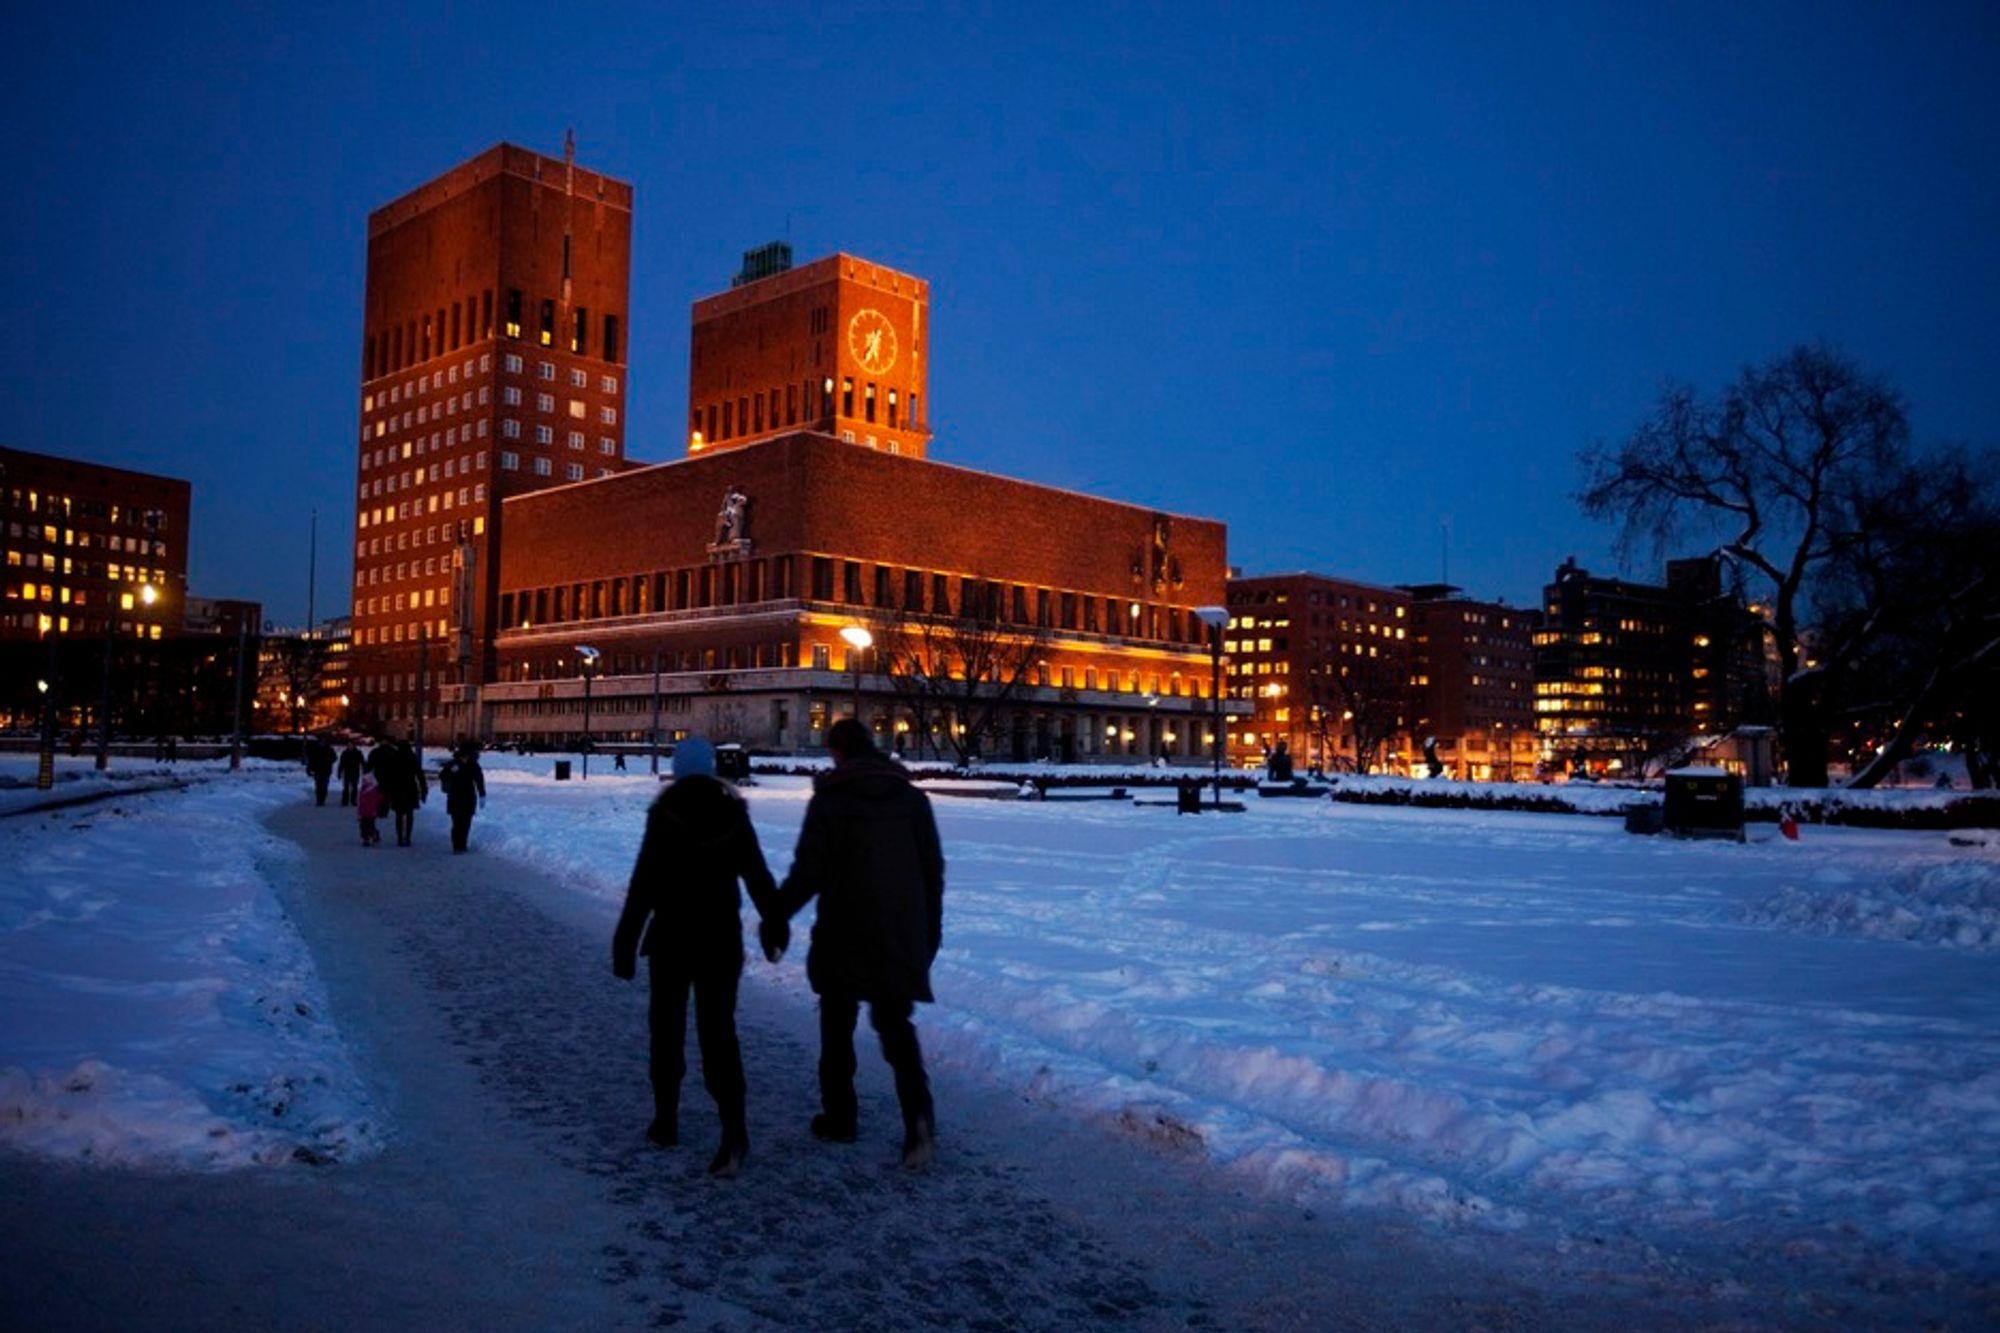 DÅRLIG: Bystyret i Oslo har for lave energiambisjoner i bygg, mener opposisjonen.